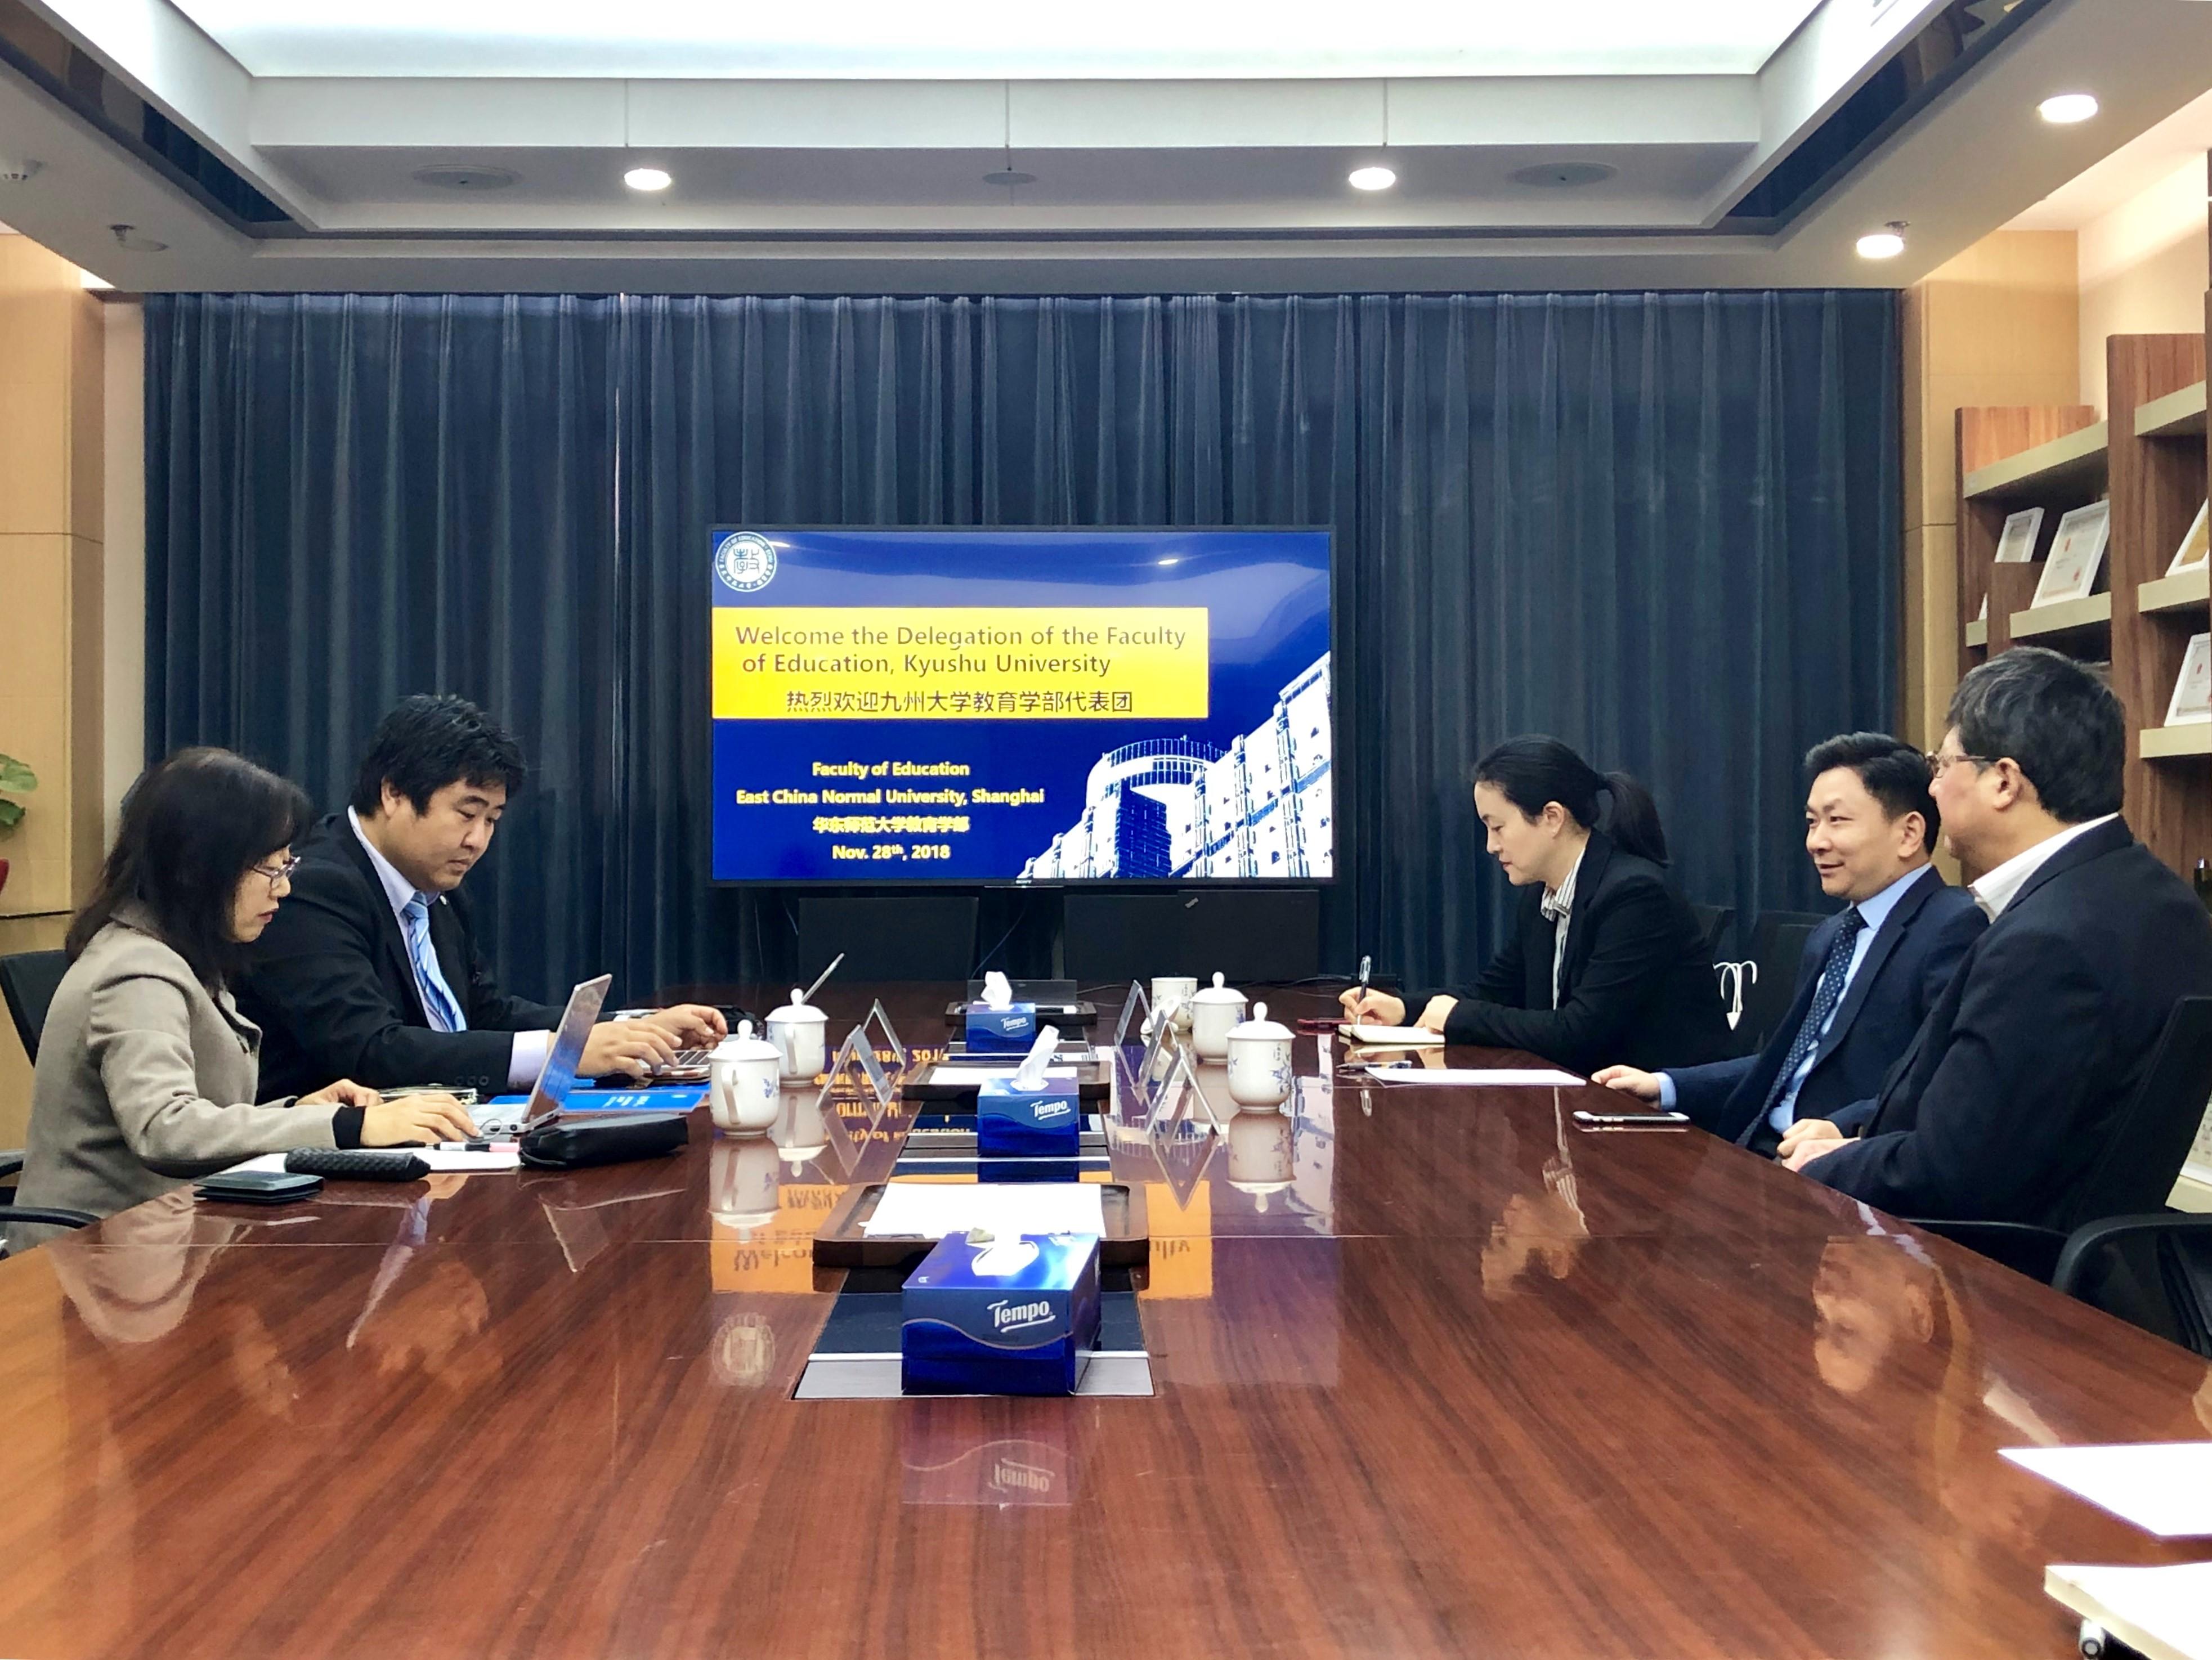 日本九州大学教育学部代表团访问教育学部